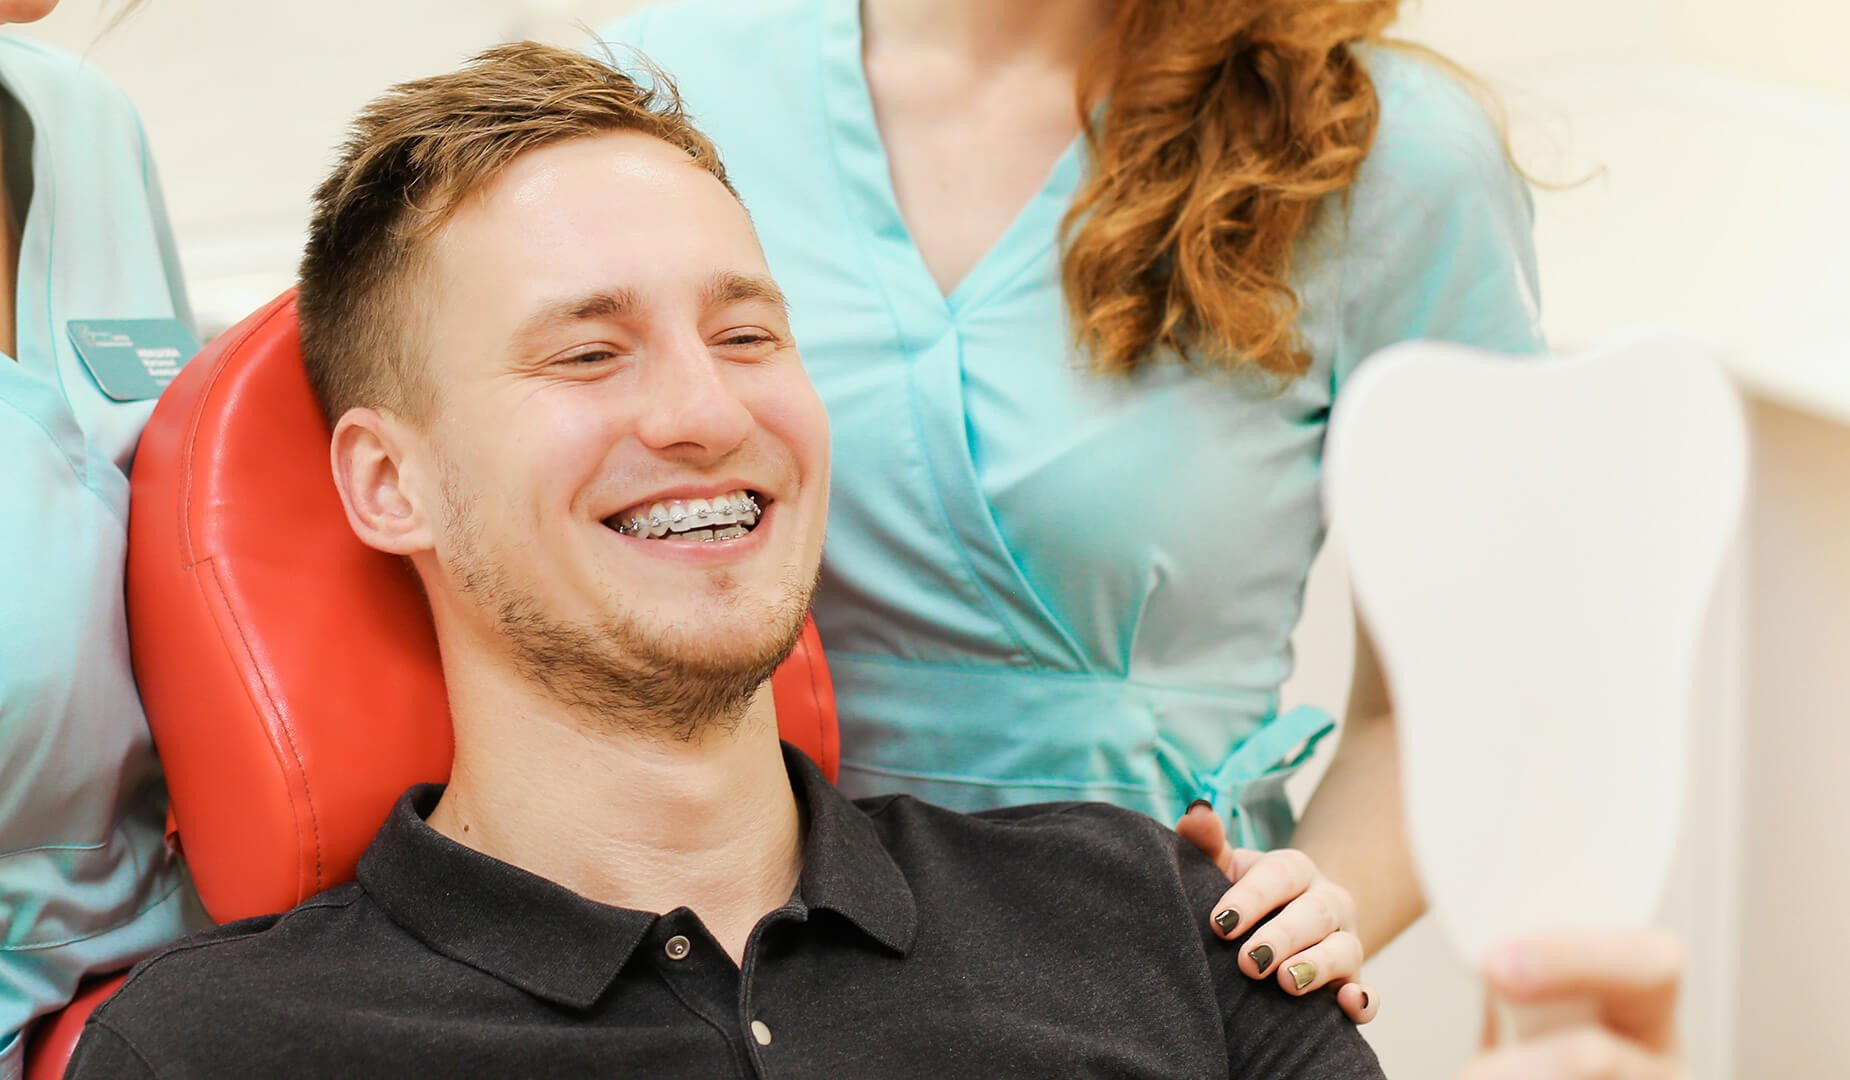 Пациент любуется улыбкой